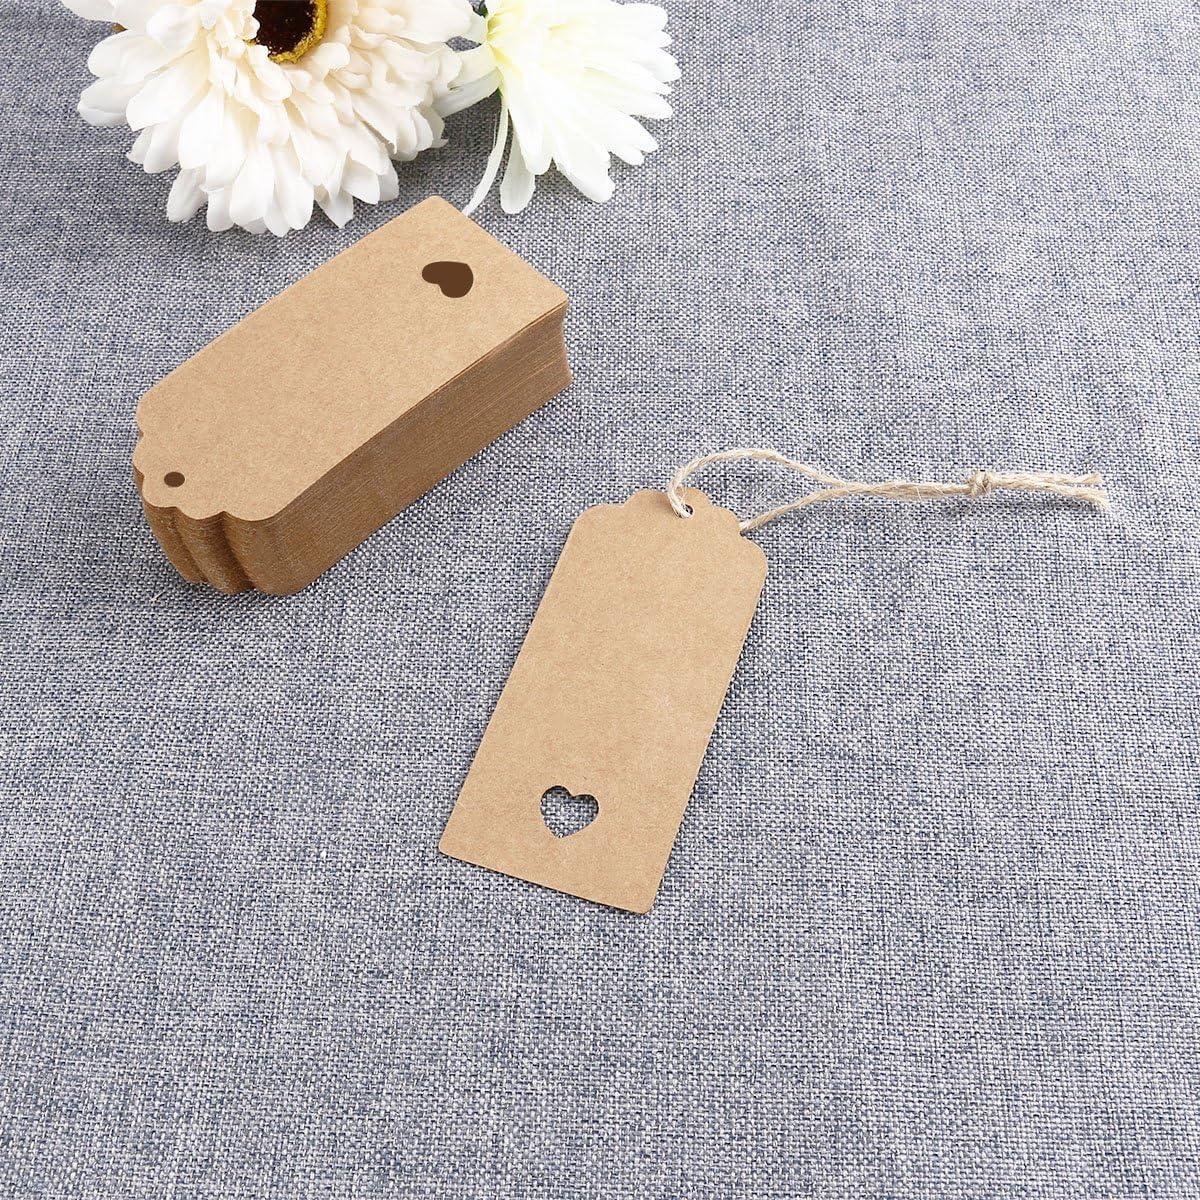 Geschenkanh/änger aus Kraftpapier mit ausgestanztem Herzen von Winomo mit 10 m Schnur braun 9 cm x 4 cm 100 St/ück